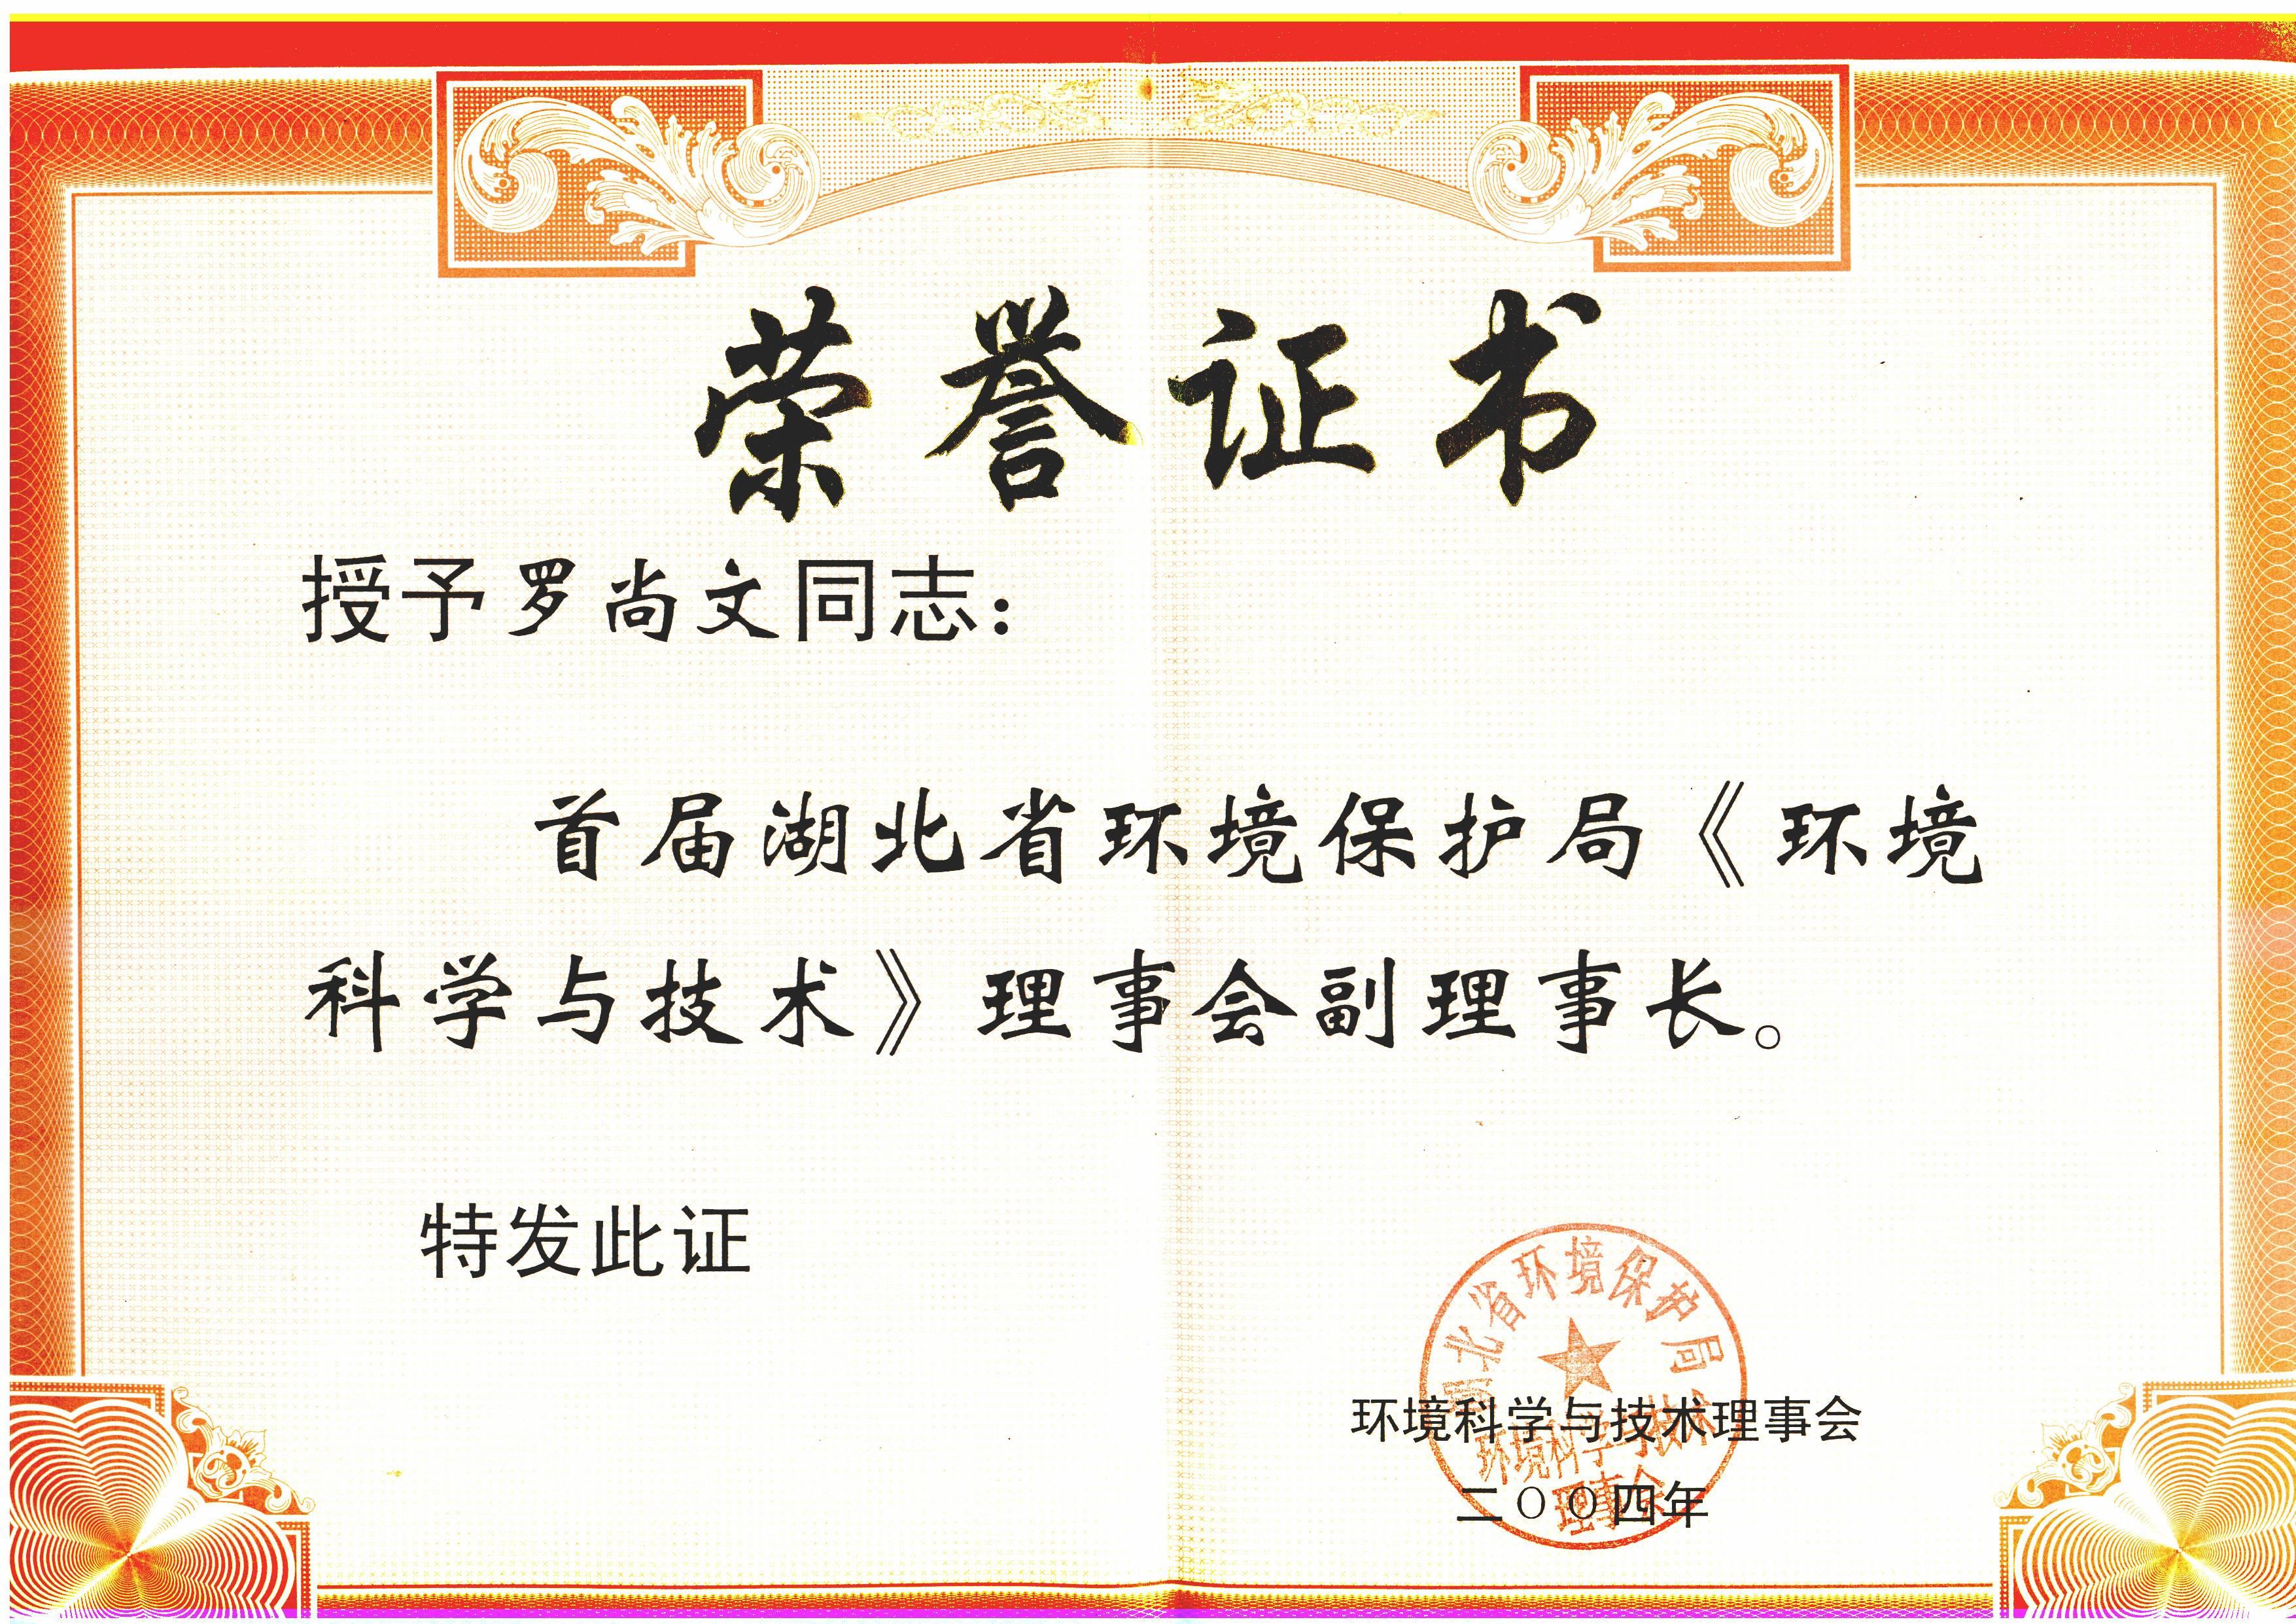 环境科学与技术理事会荣誉证书